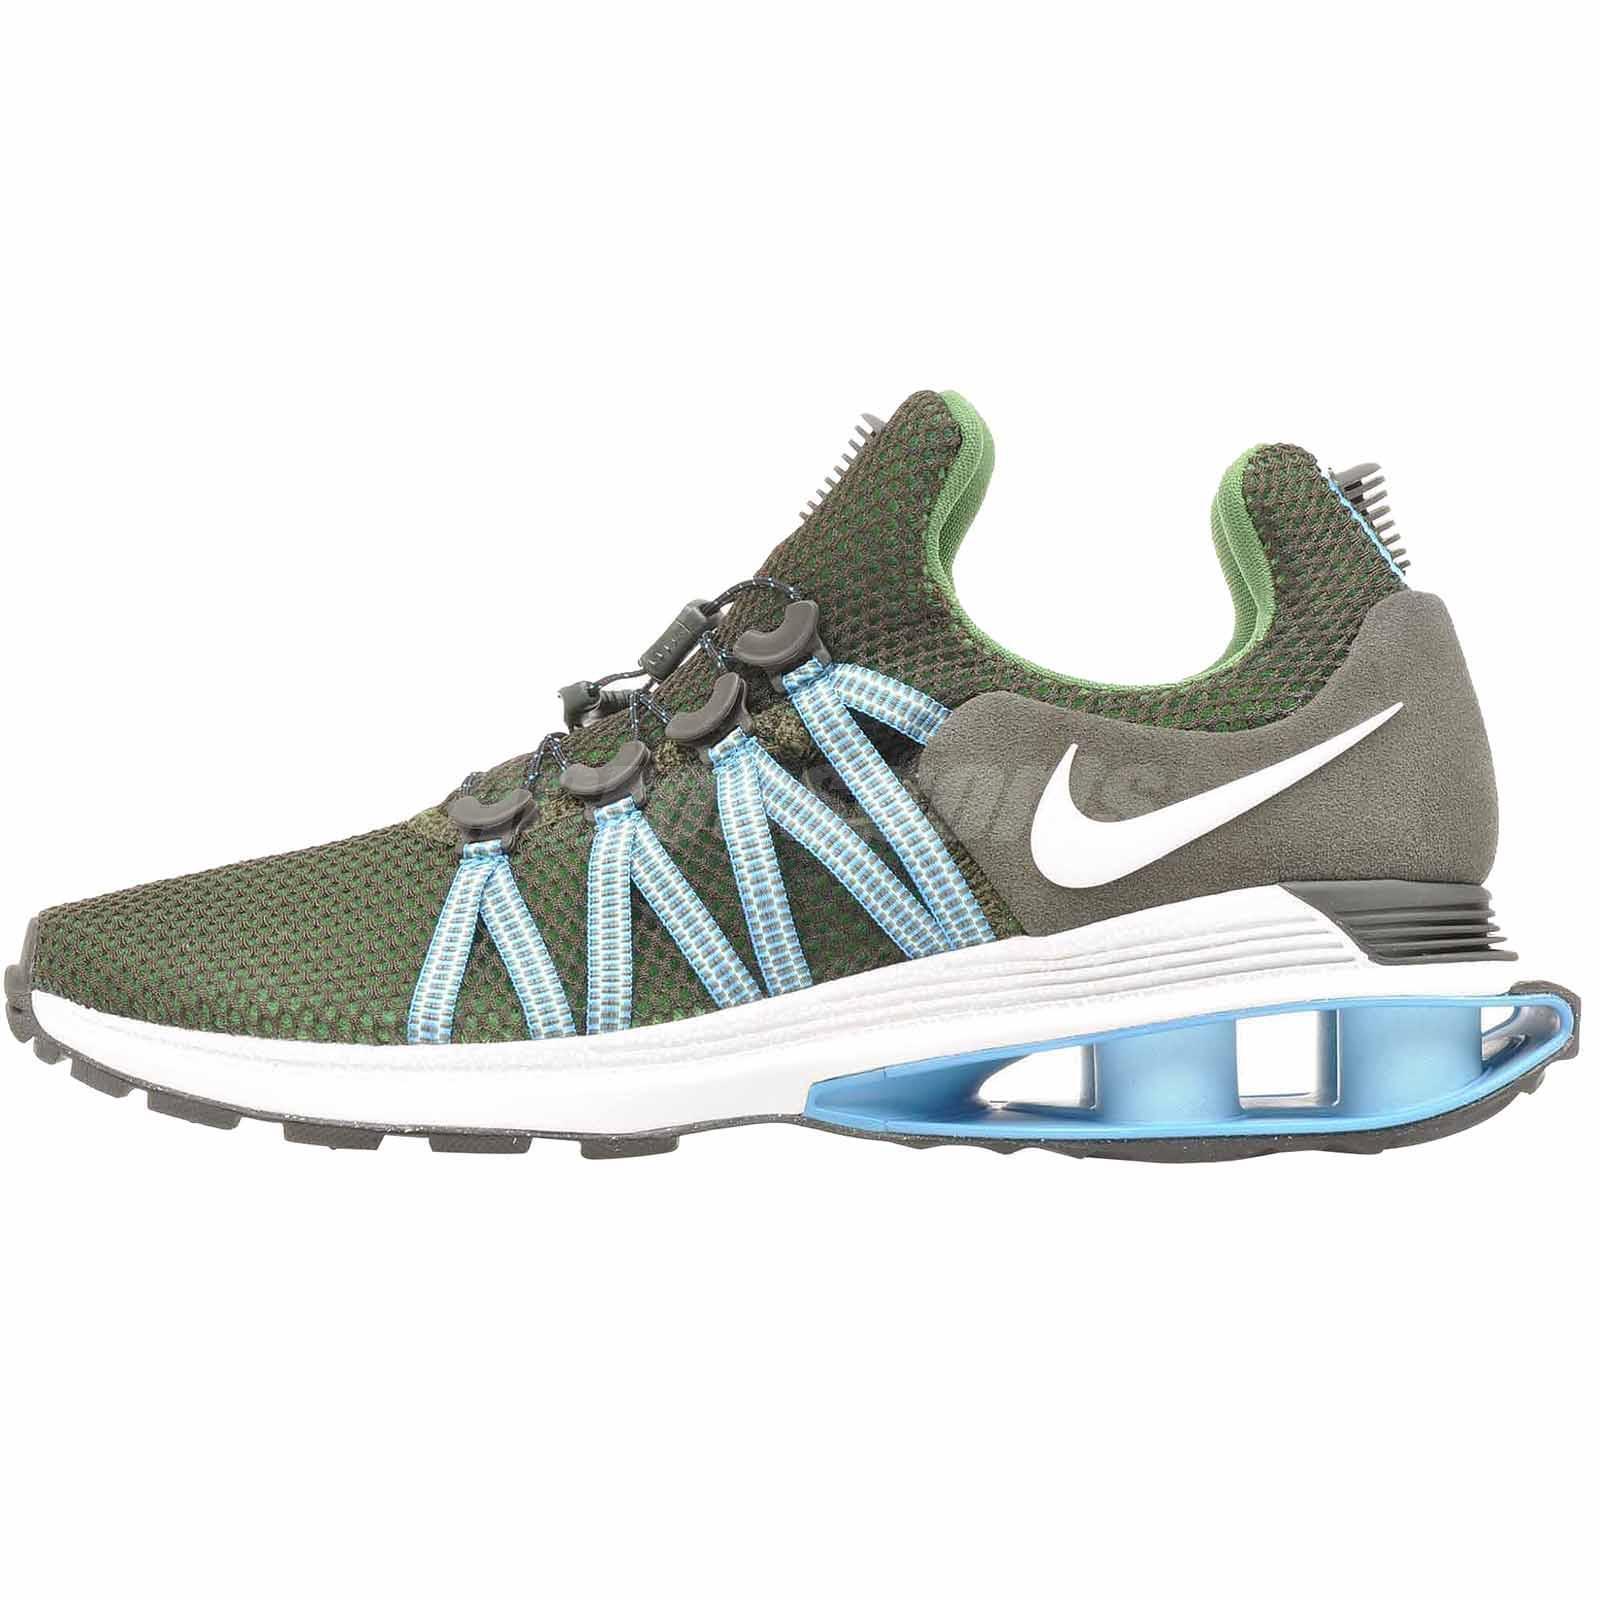 Nike Shox Gravity Correr para Hombre Zapatos Sequoia Azul blancoo AR1999-300